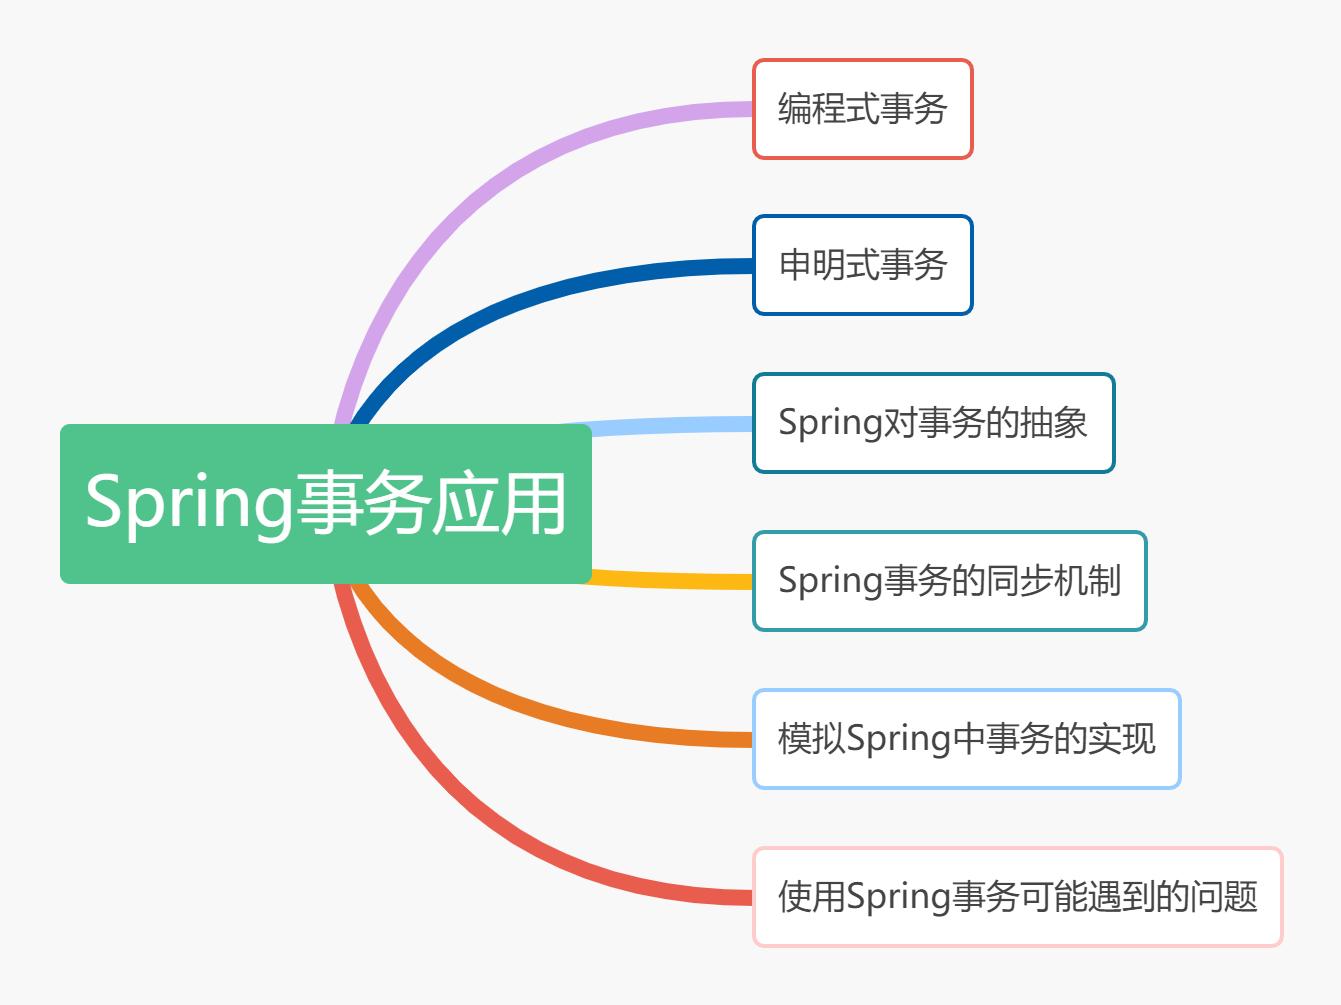 Spring事務應用大綱